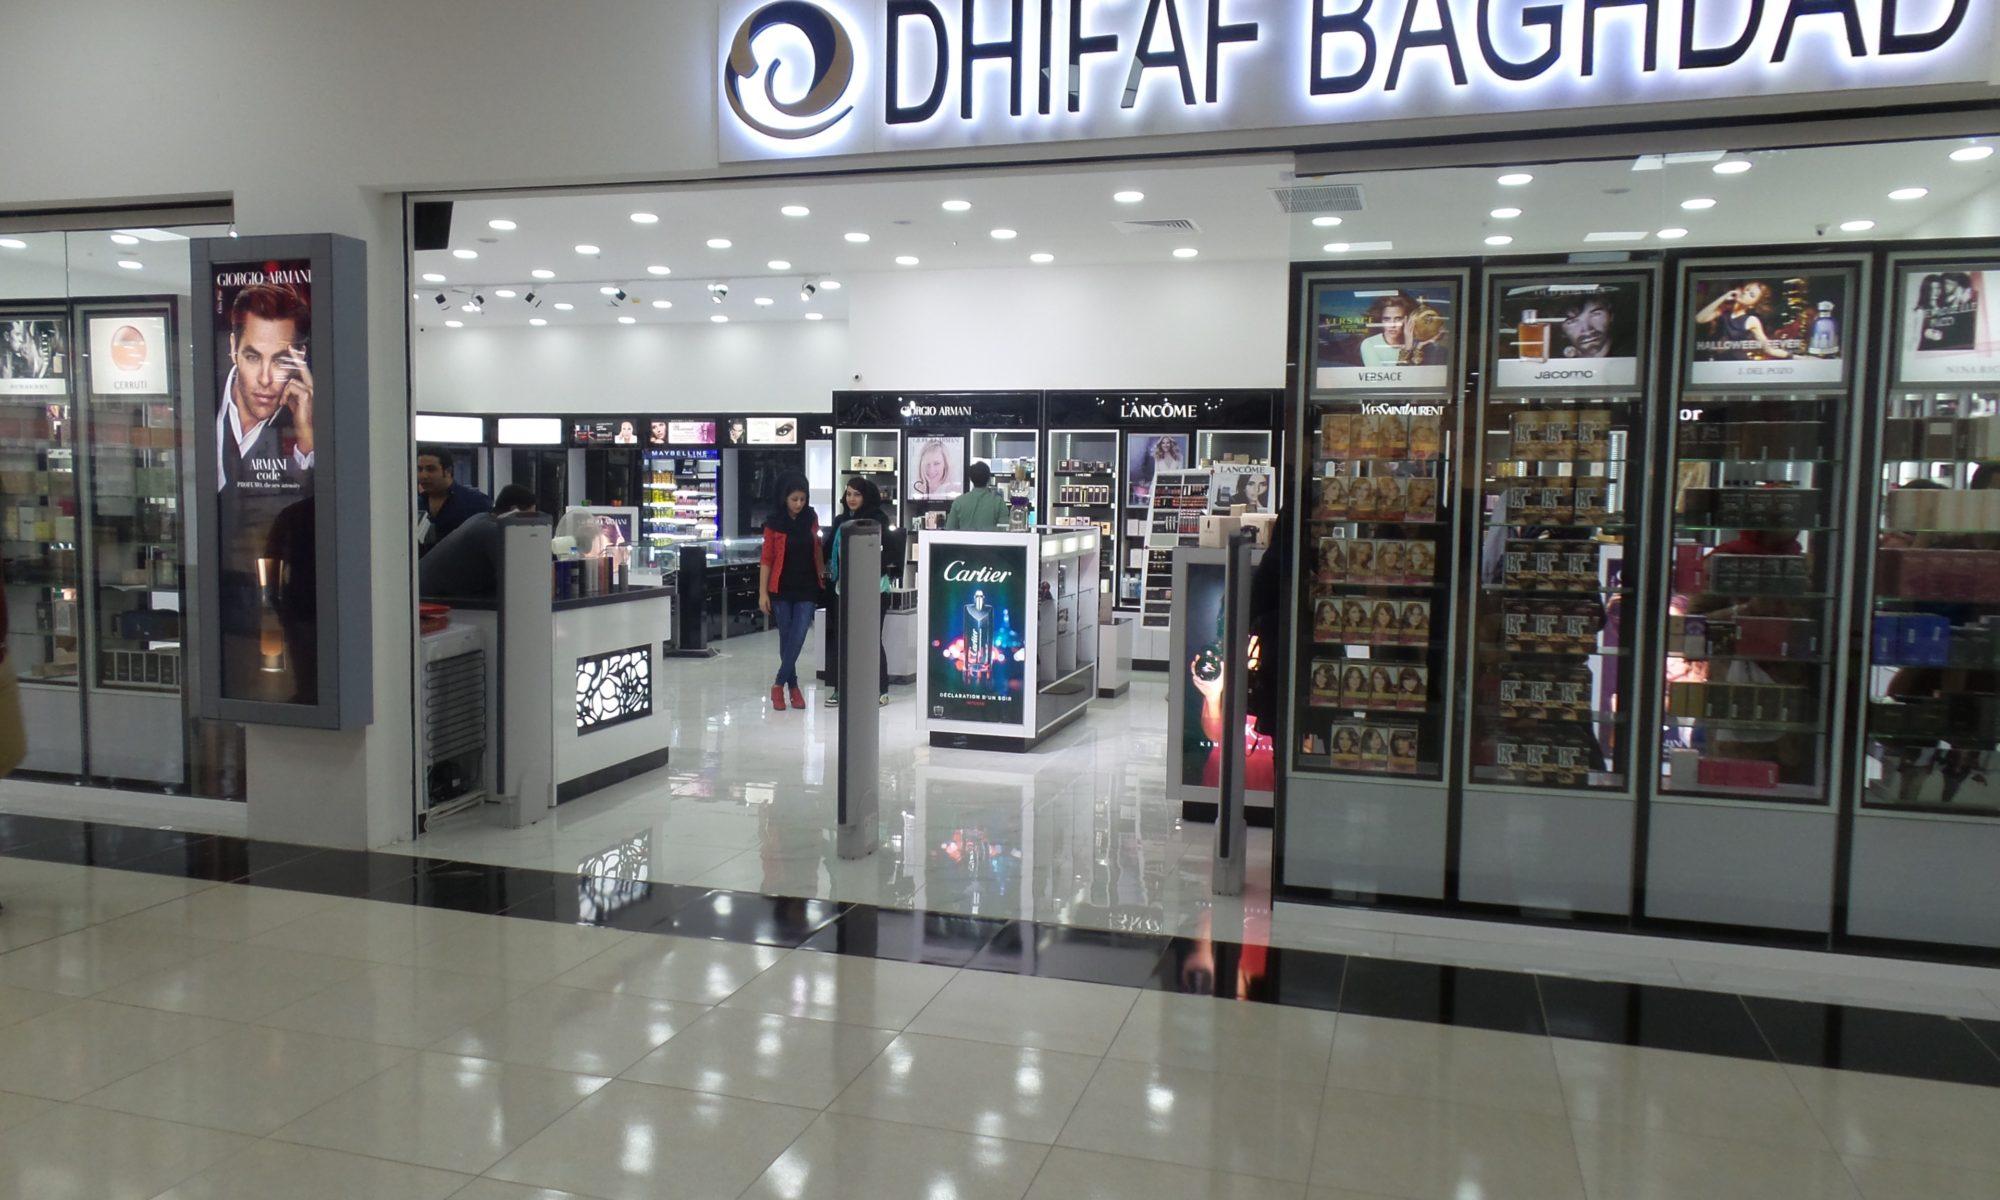 Dhifaf Baghdad Cosmetics Center